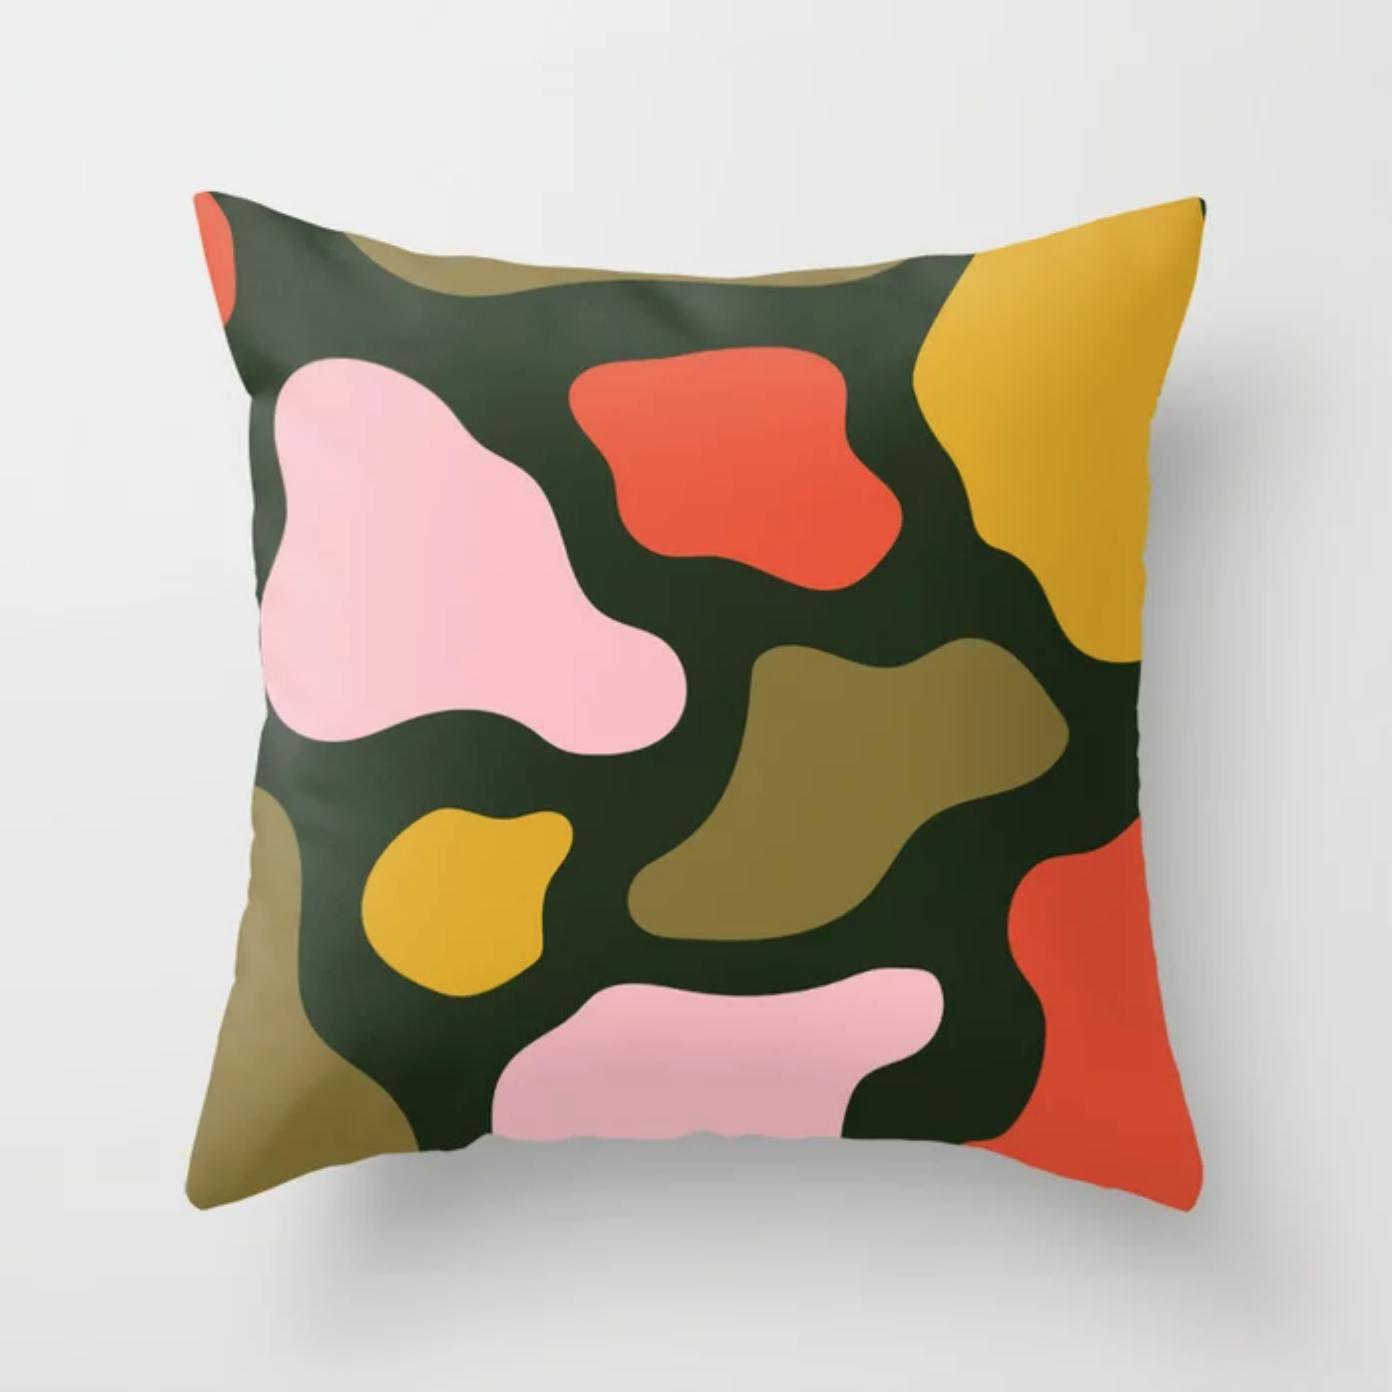 Blobazzo Square Throw Pillow